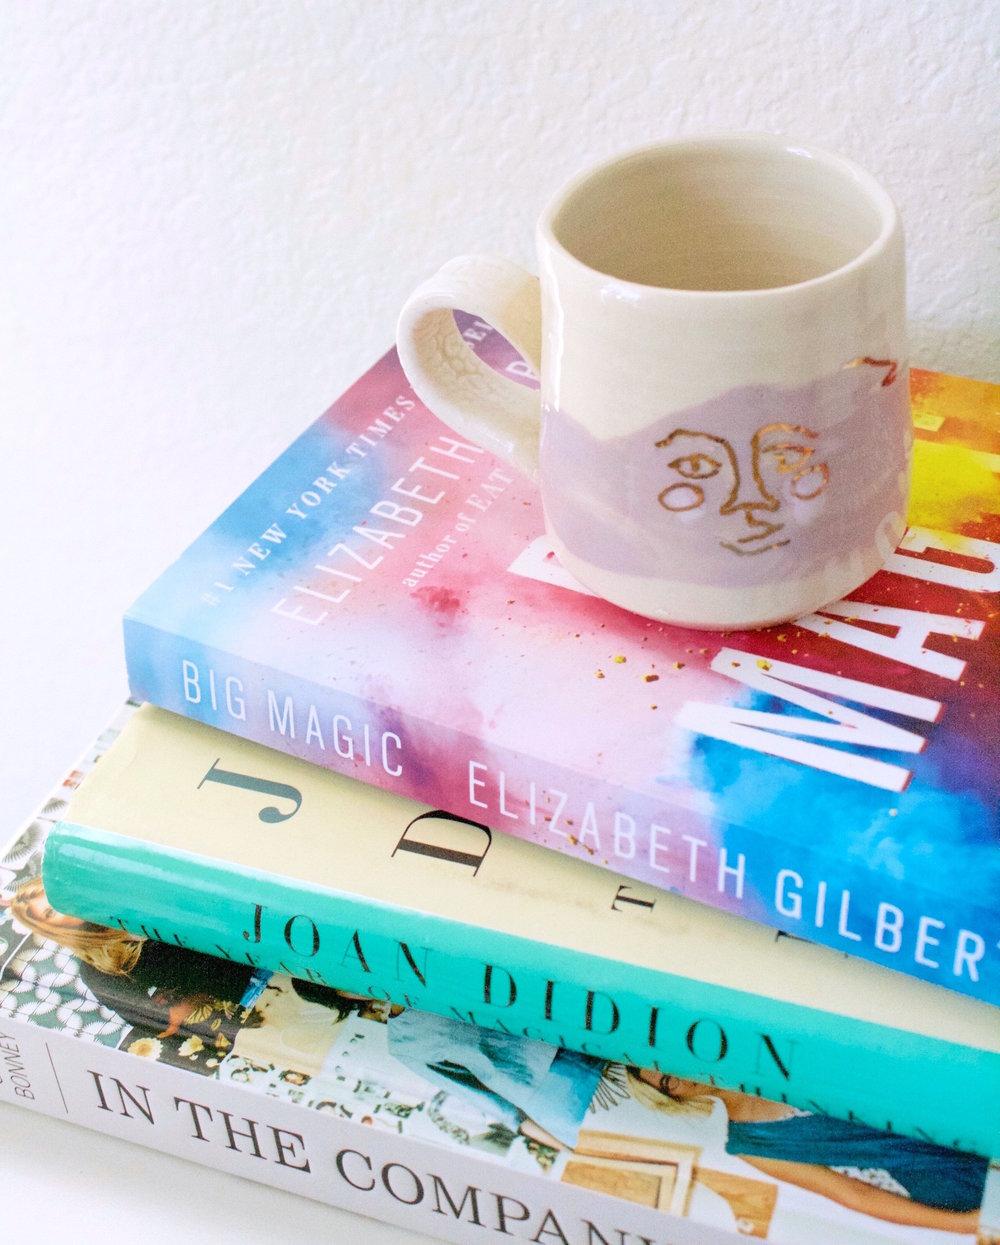 books-for-creative-entrepreneurs copy.jpg